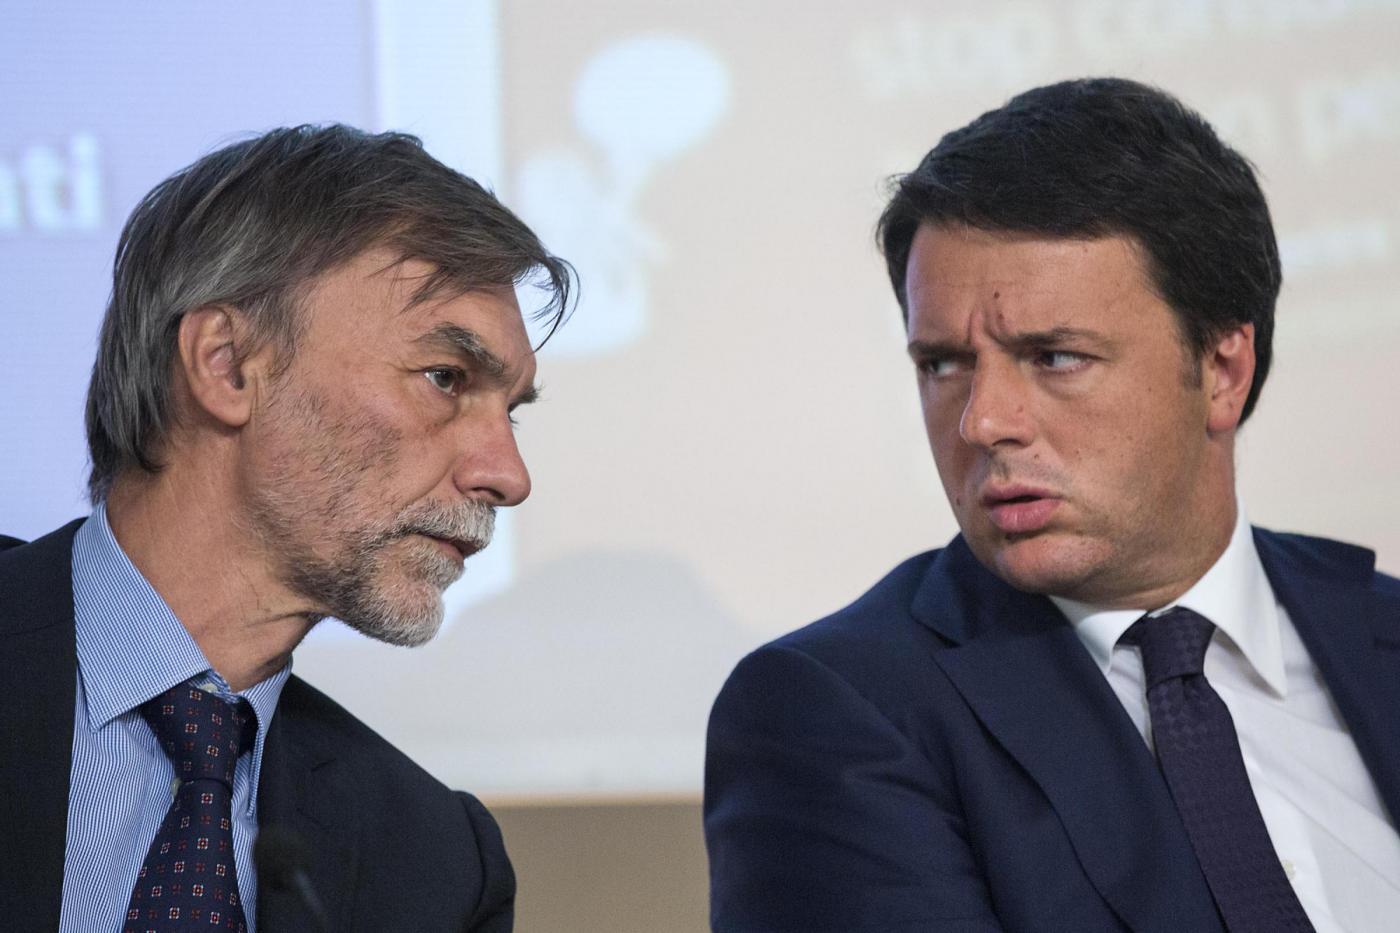 Matteo Renzi e Graziano Delrio